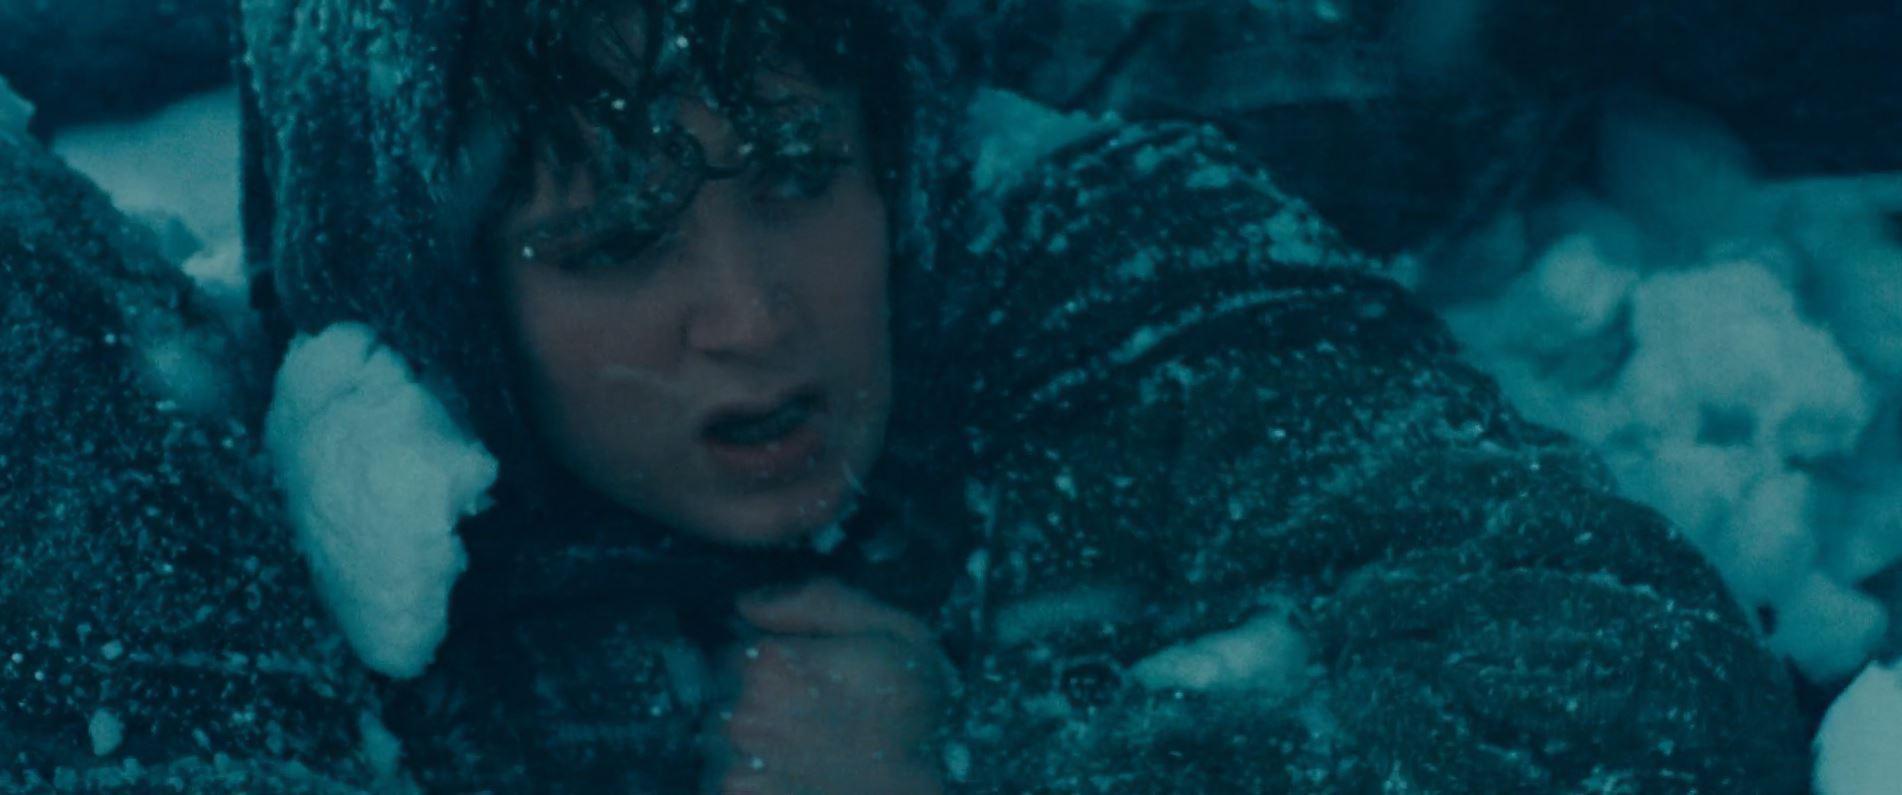 le seigneur des anneaux frodon neige montagne